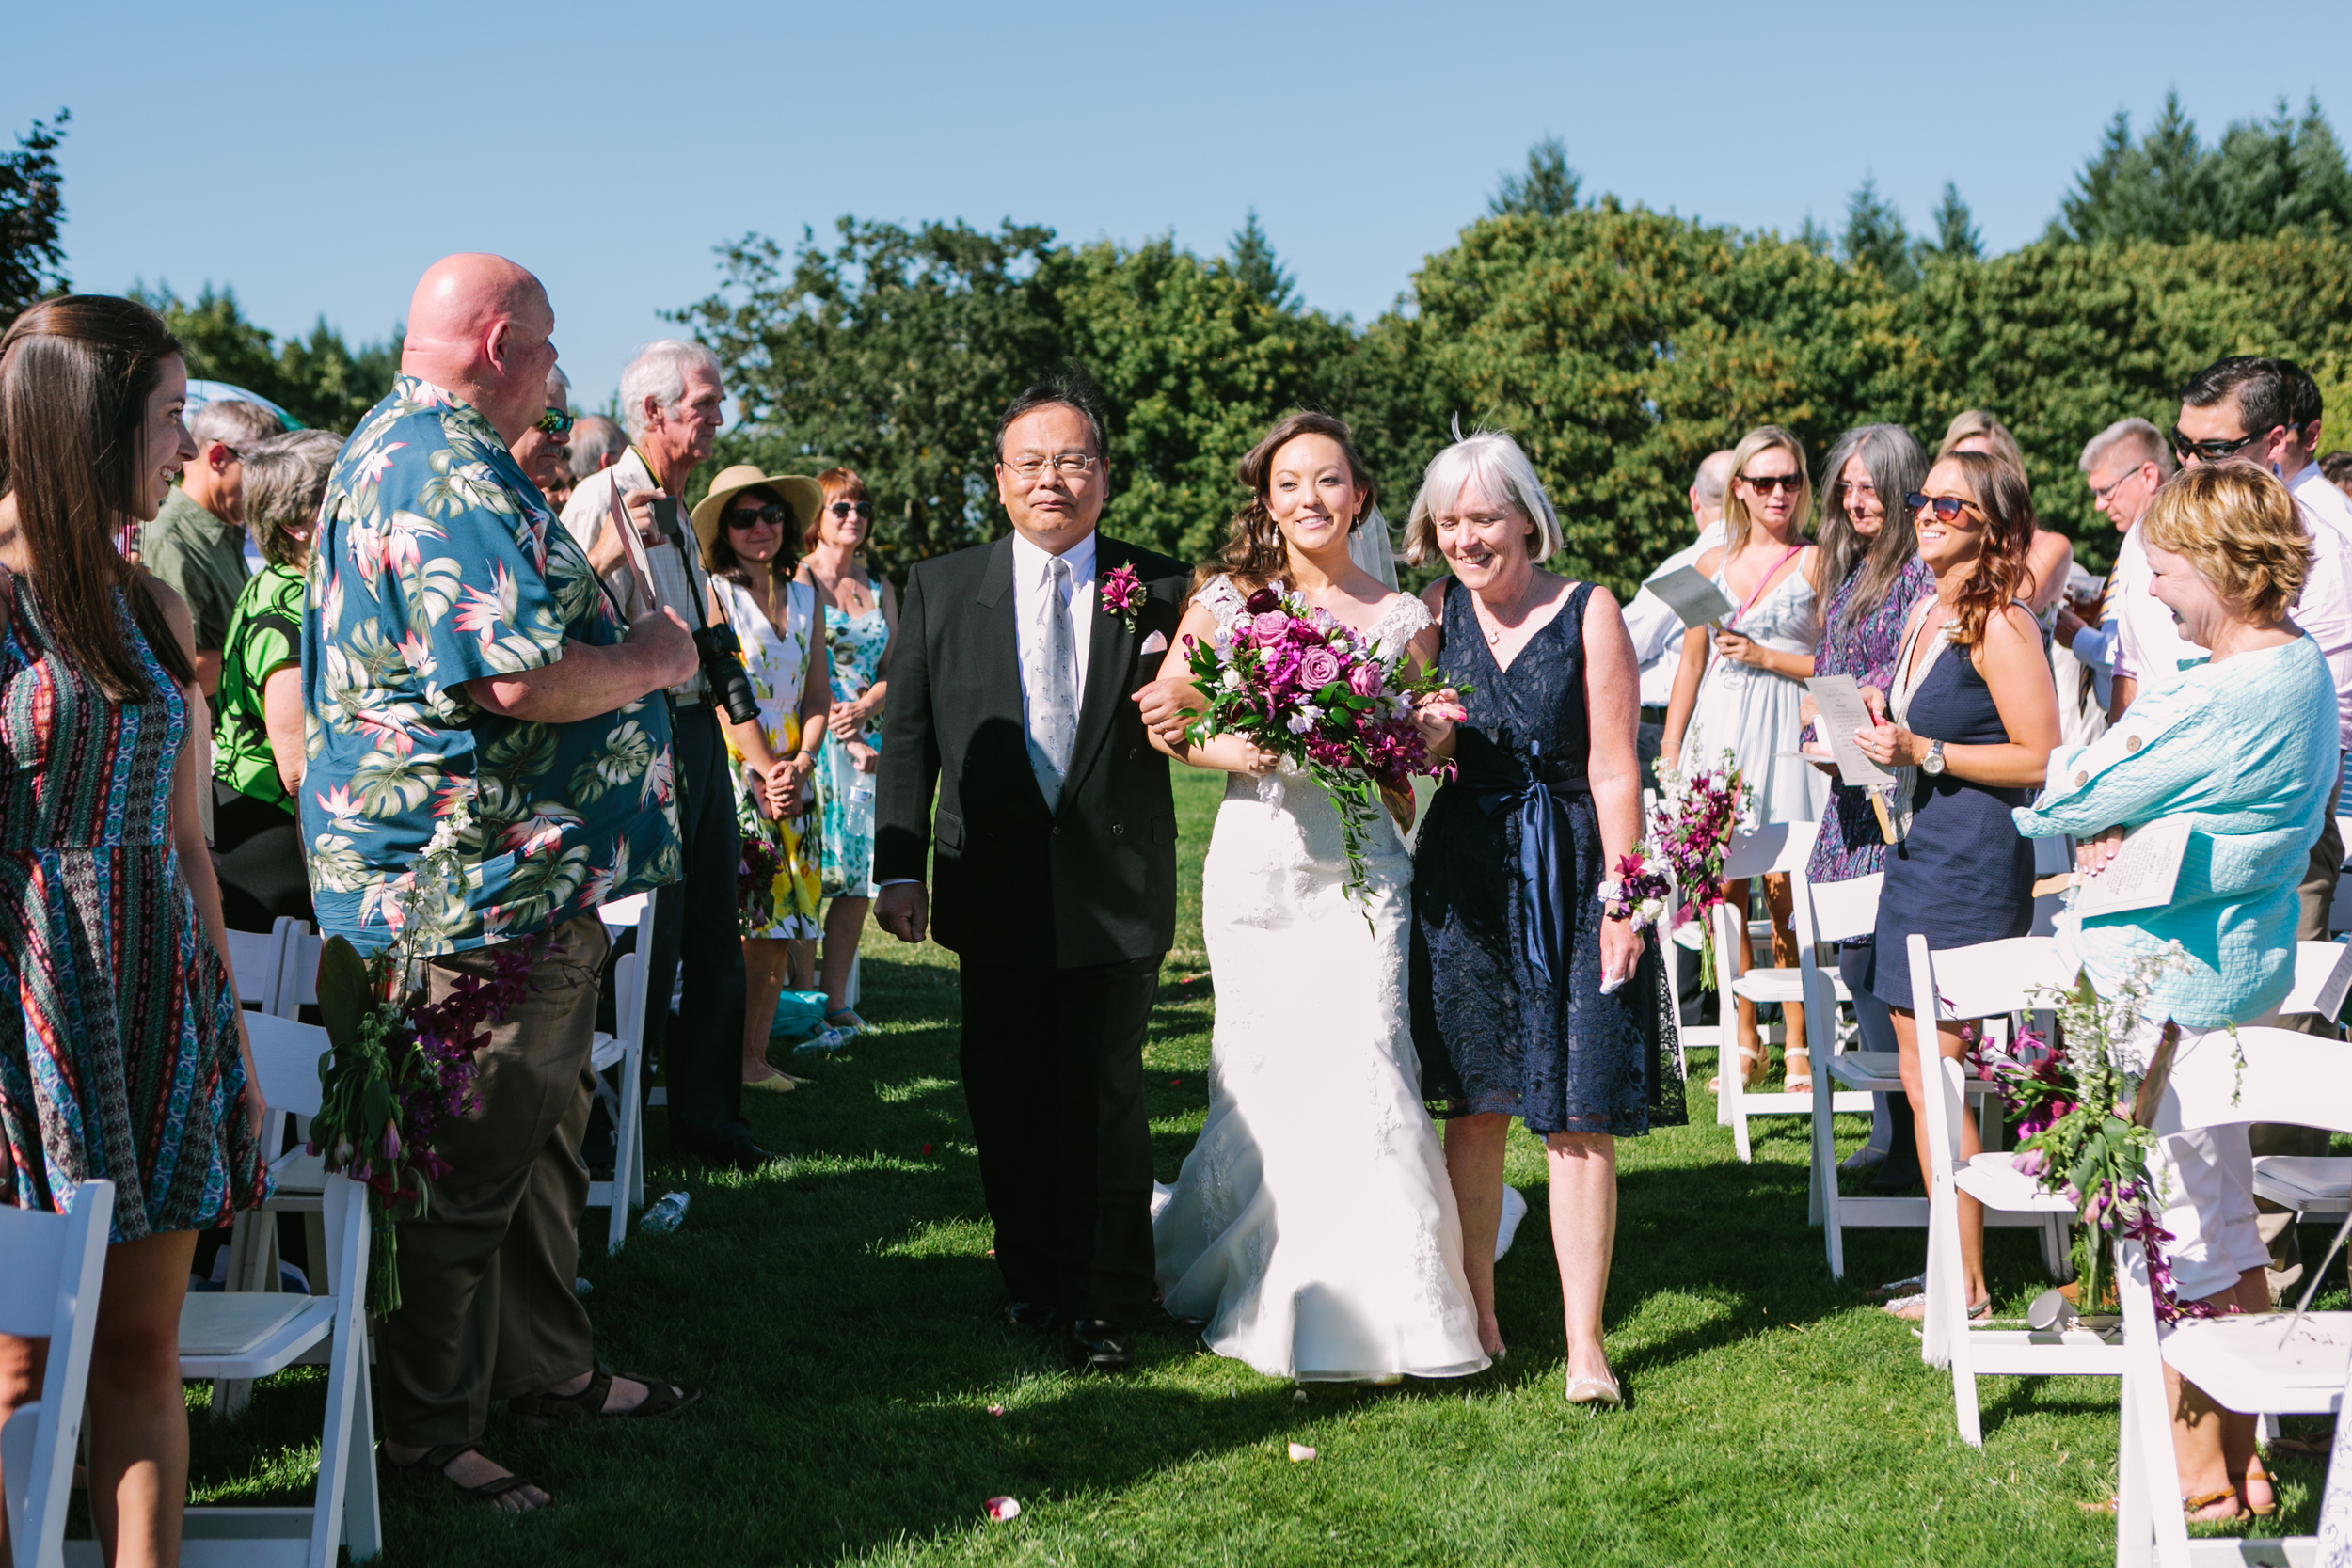 youngberg hill winery, portland Oregon Wedding (35).jpg